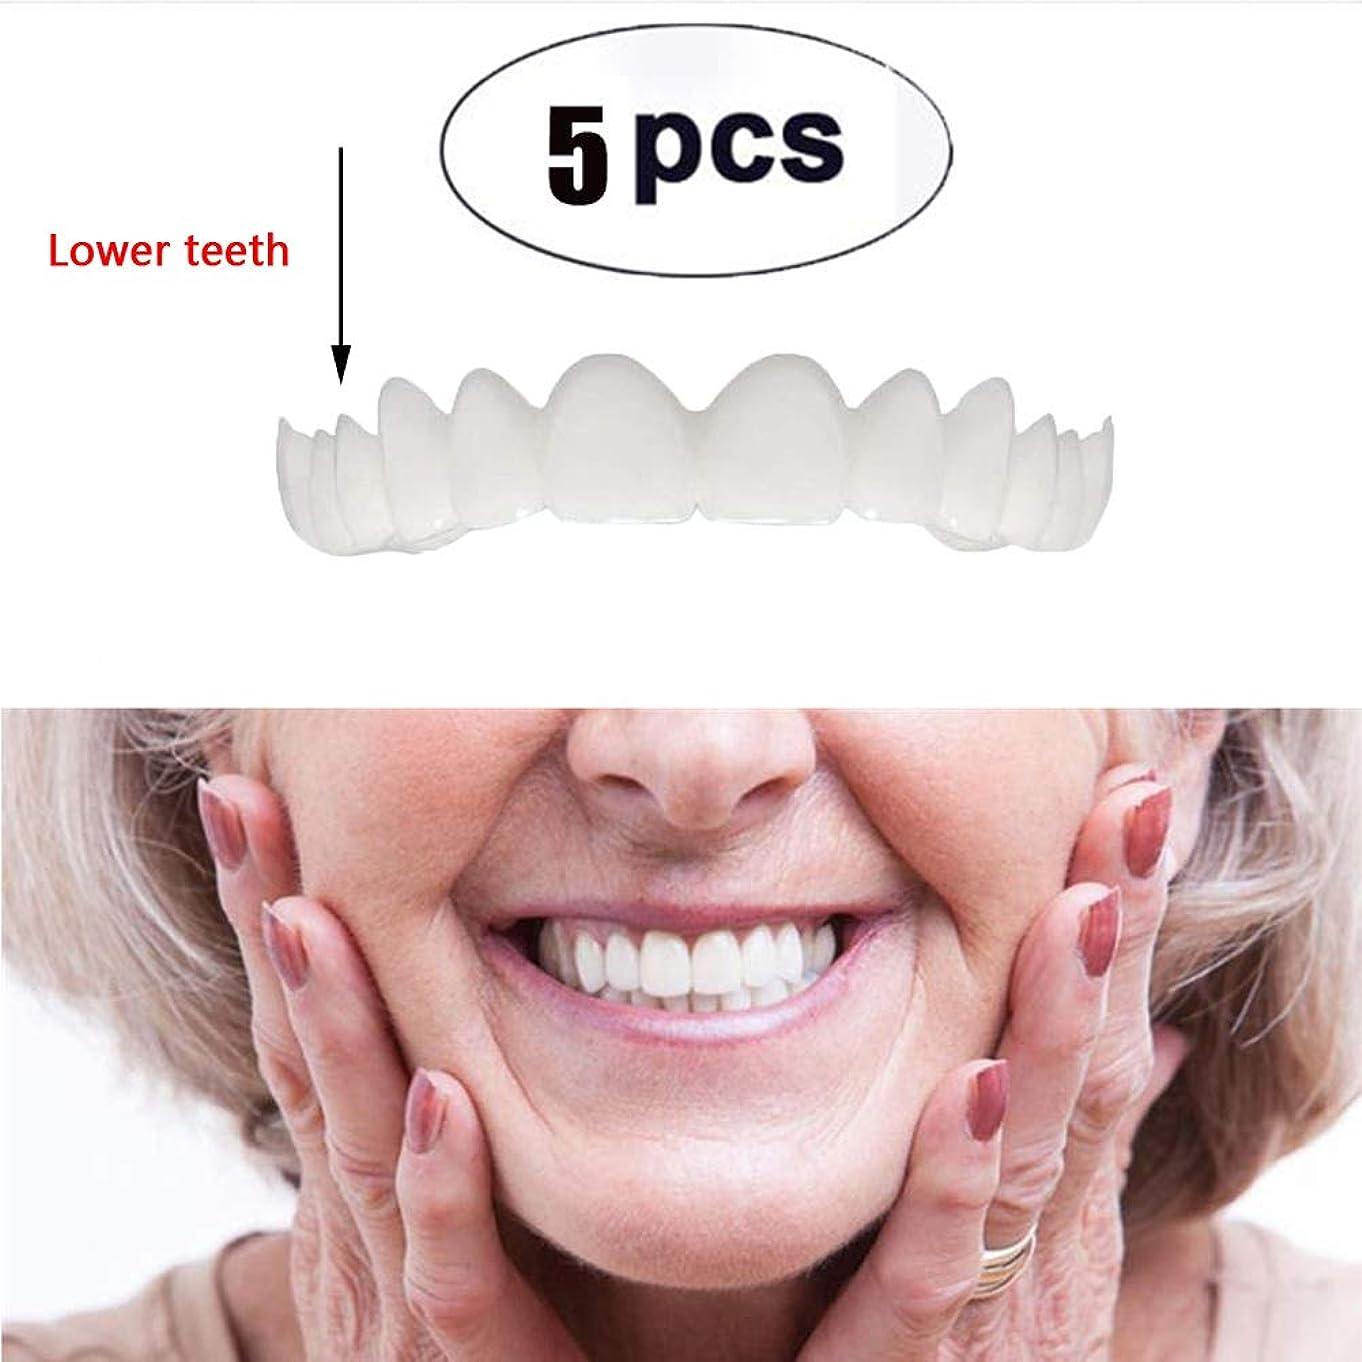 アクセスできないだますによって5ピース下の歯一時的な化粧品の歯化粧品模擬ブレースホワイトニング歯スナップキャップインスタント快適なフレックスパーフェクトベニア